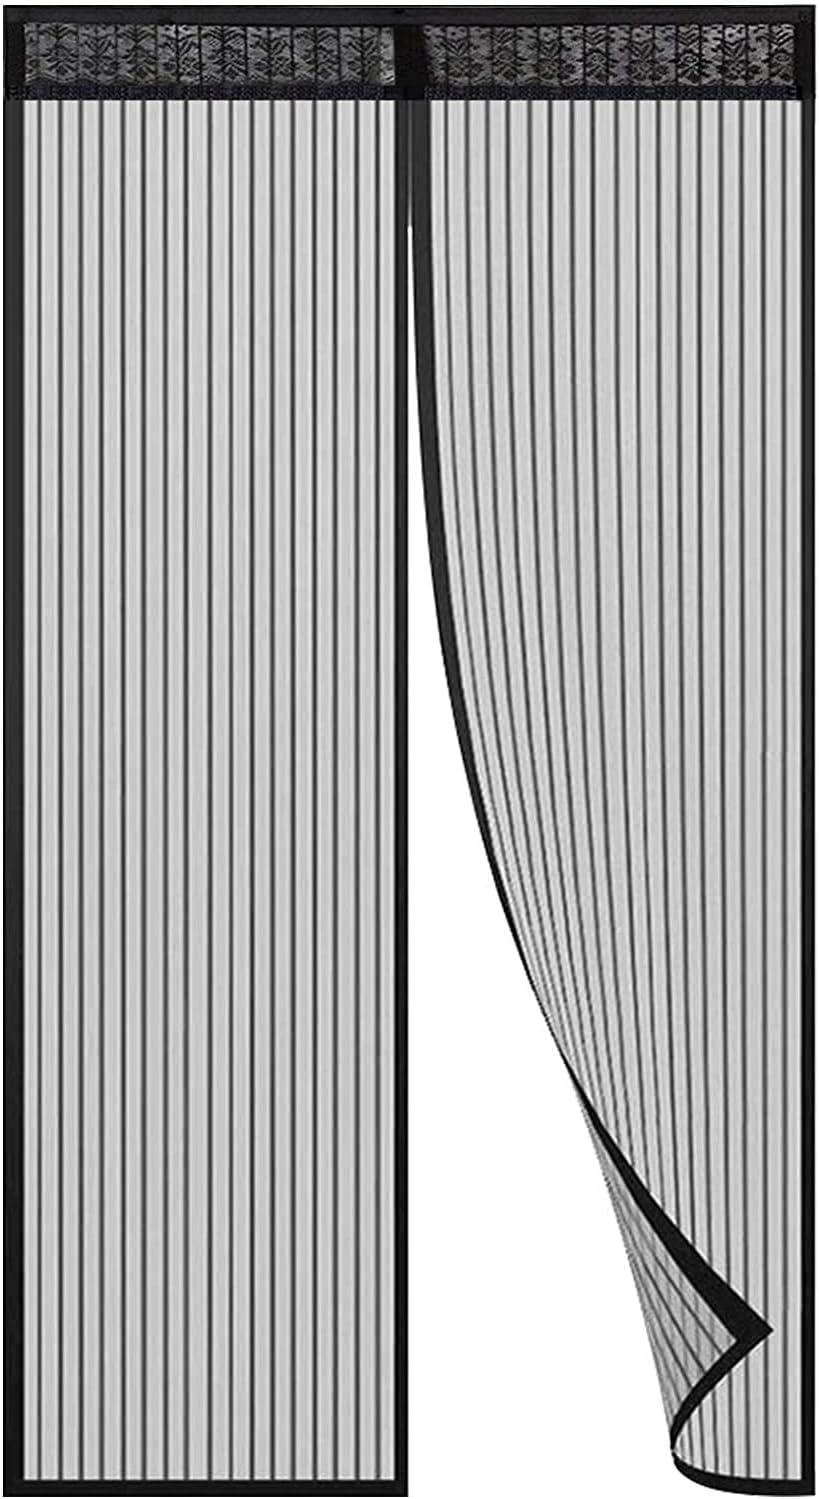 Hiveseen Cortina Mosquitera Magnética para Puertas, 90x210cm, Anti Insectos Moscas y Mosquitos, con 18 Imanes Cierre Automático, para Puertas Correderas/Balcones/Terraza